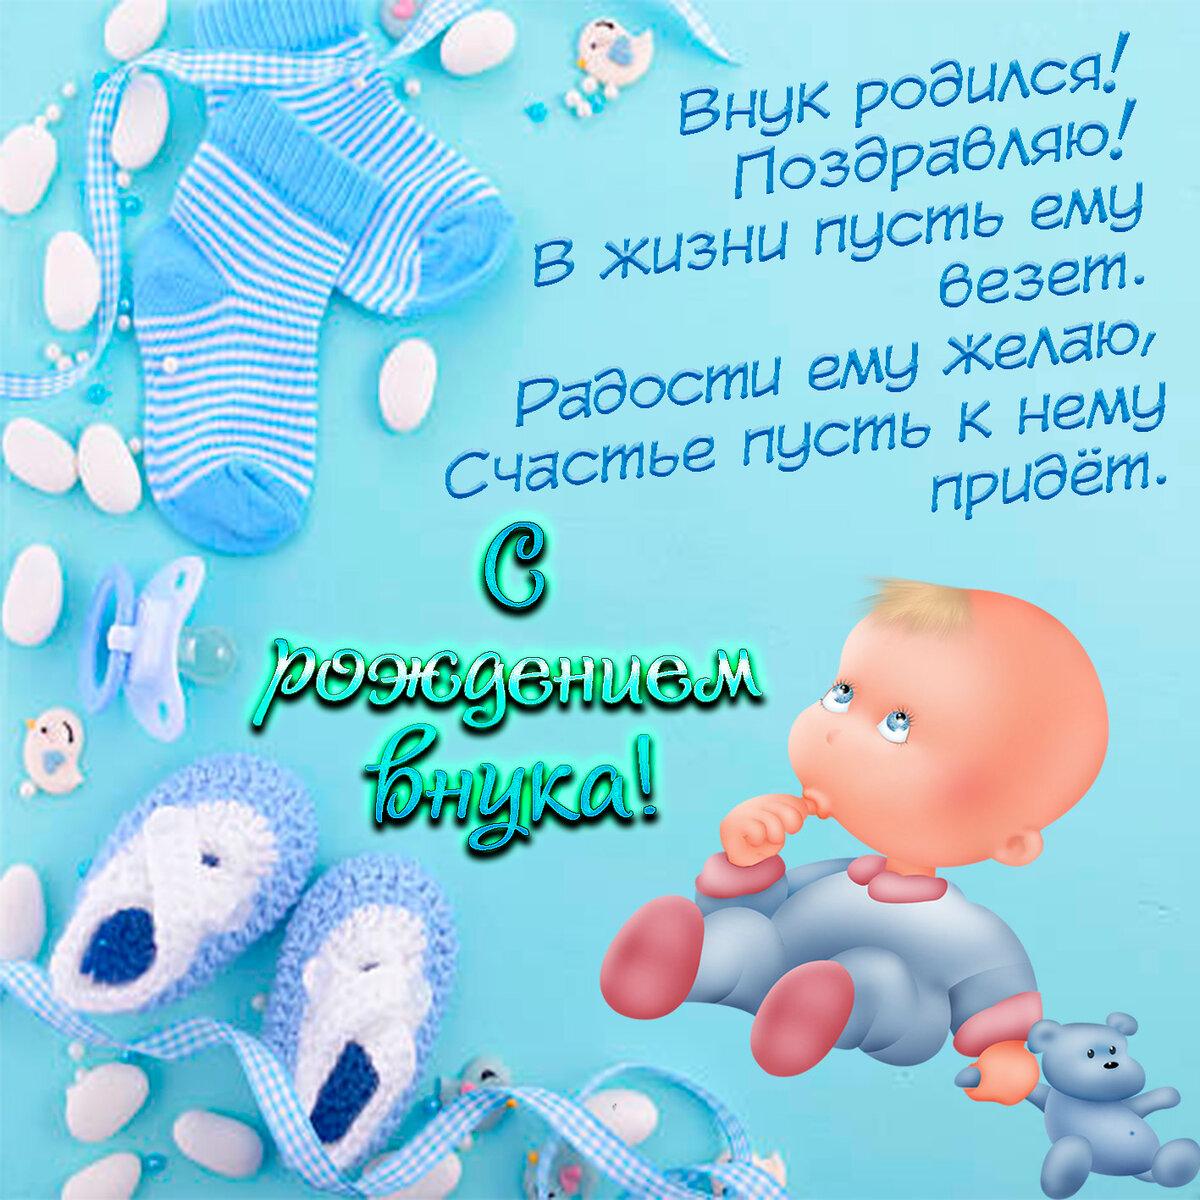 Теща картинки, открытка с поздравлением рождение внука